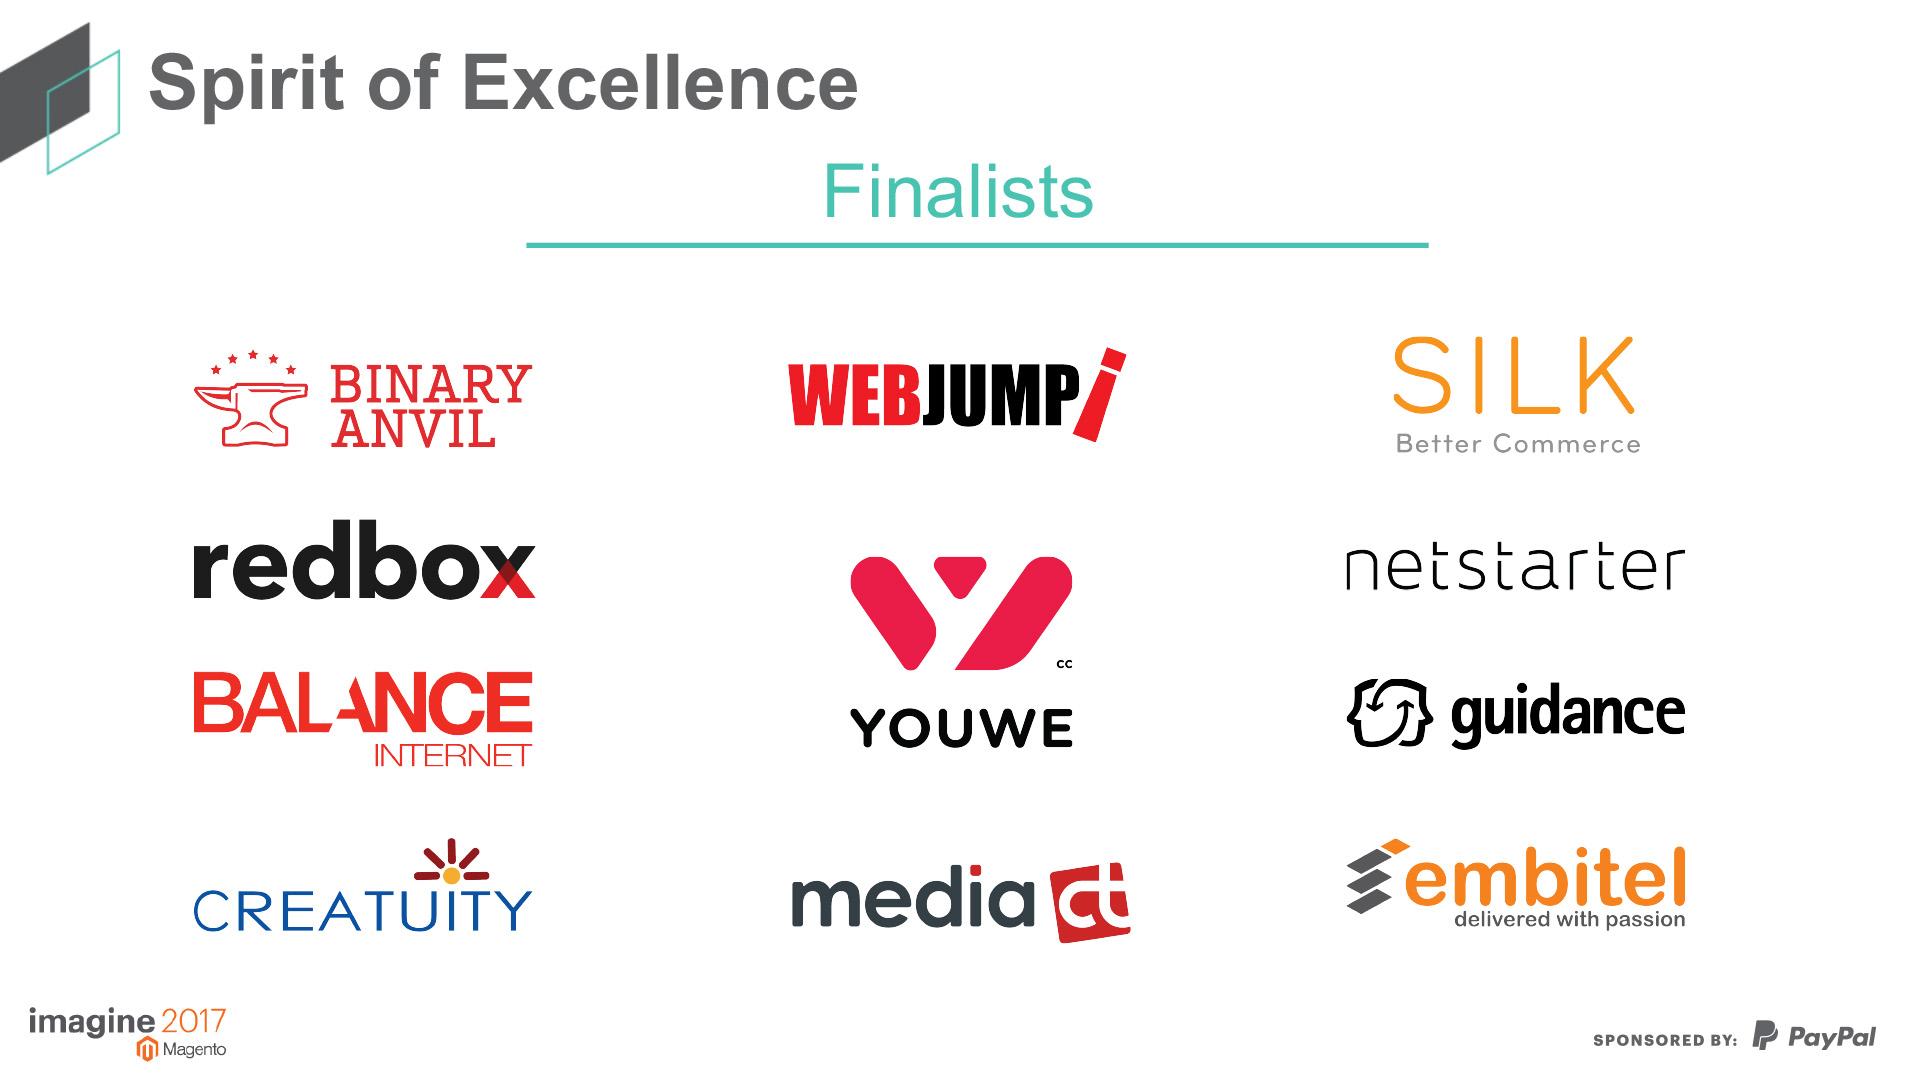 """MediaCT was dit jaar wederom genomineerd voor de """"Spirit of Excellence"""" partner award."""